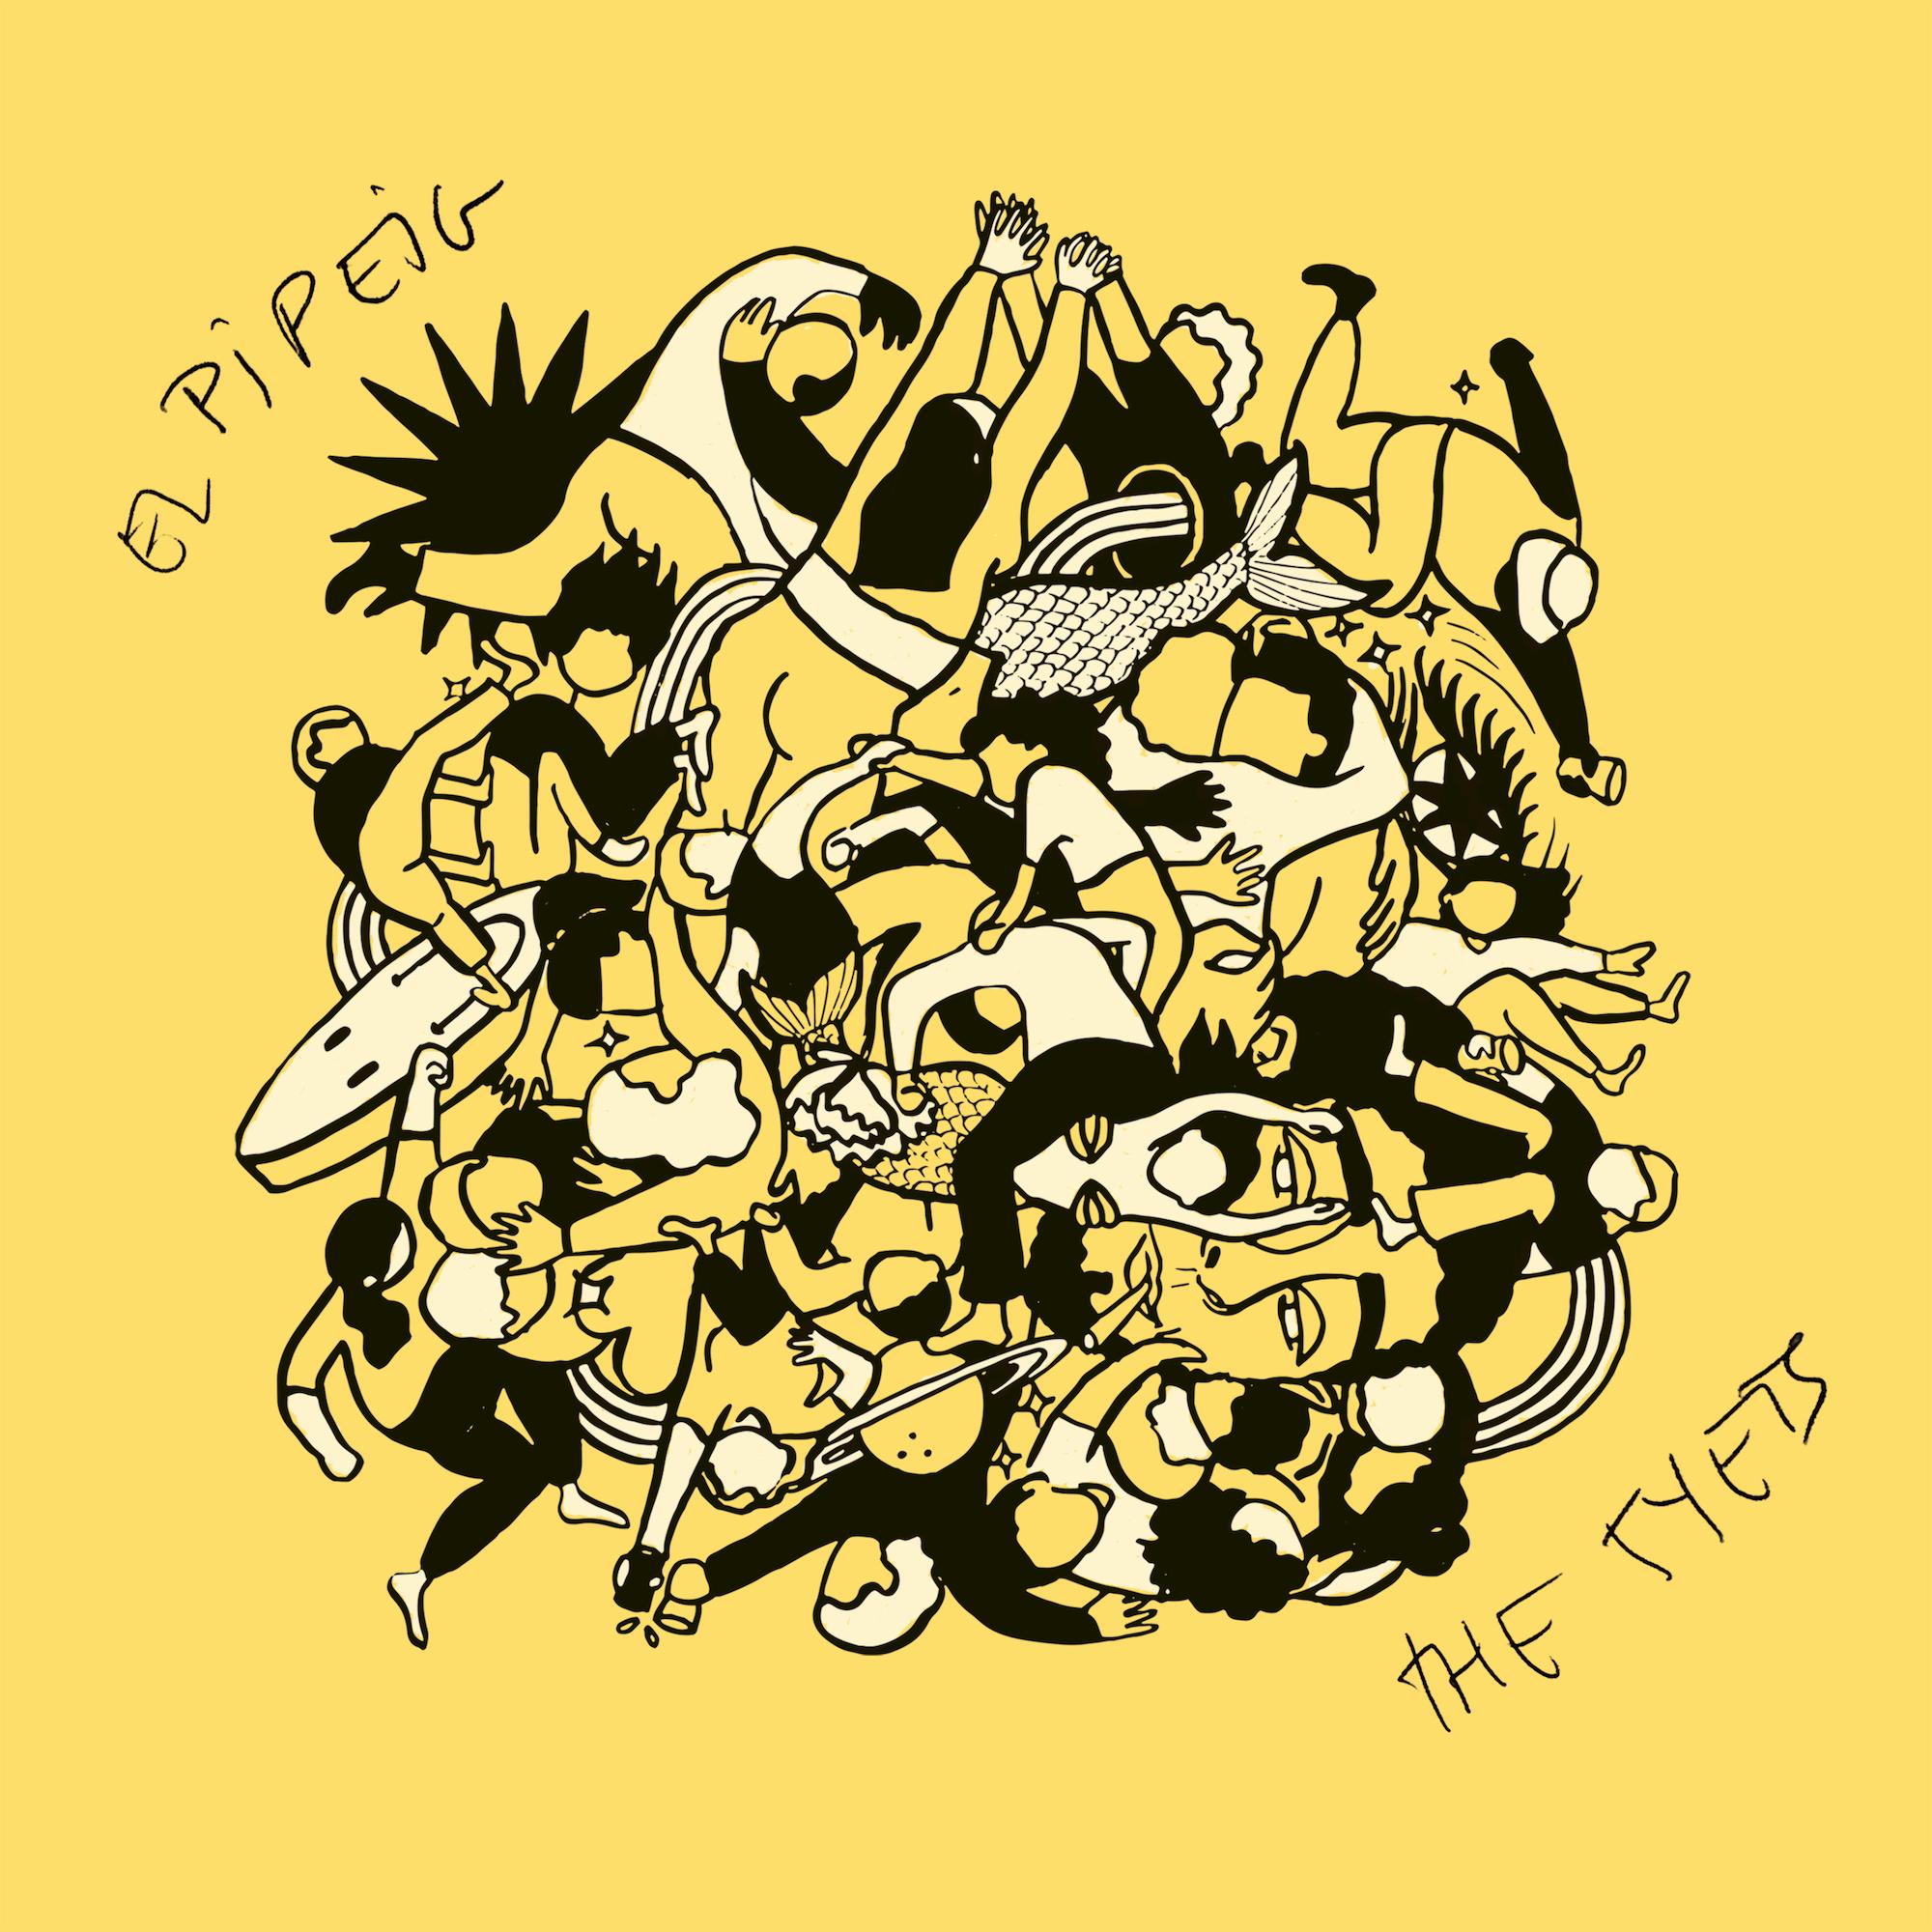 PORTADA EL PIPEIG_The tyets 2020